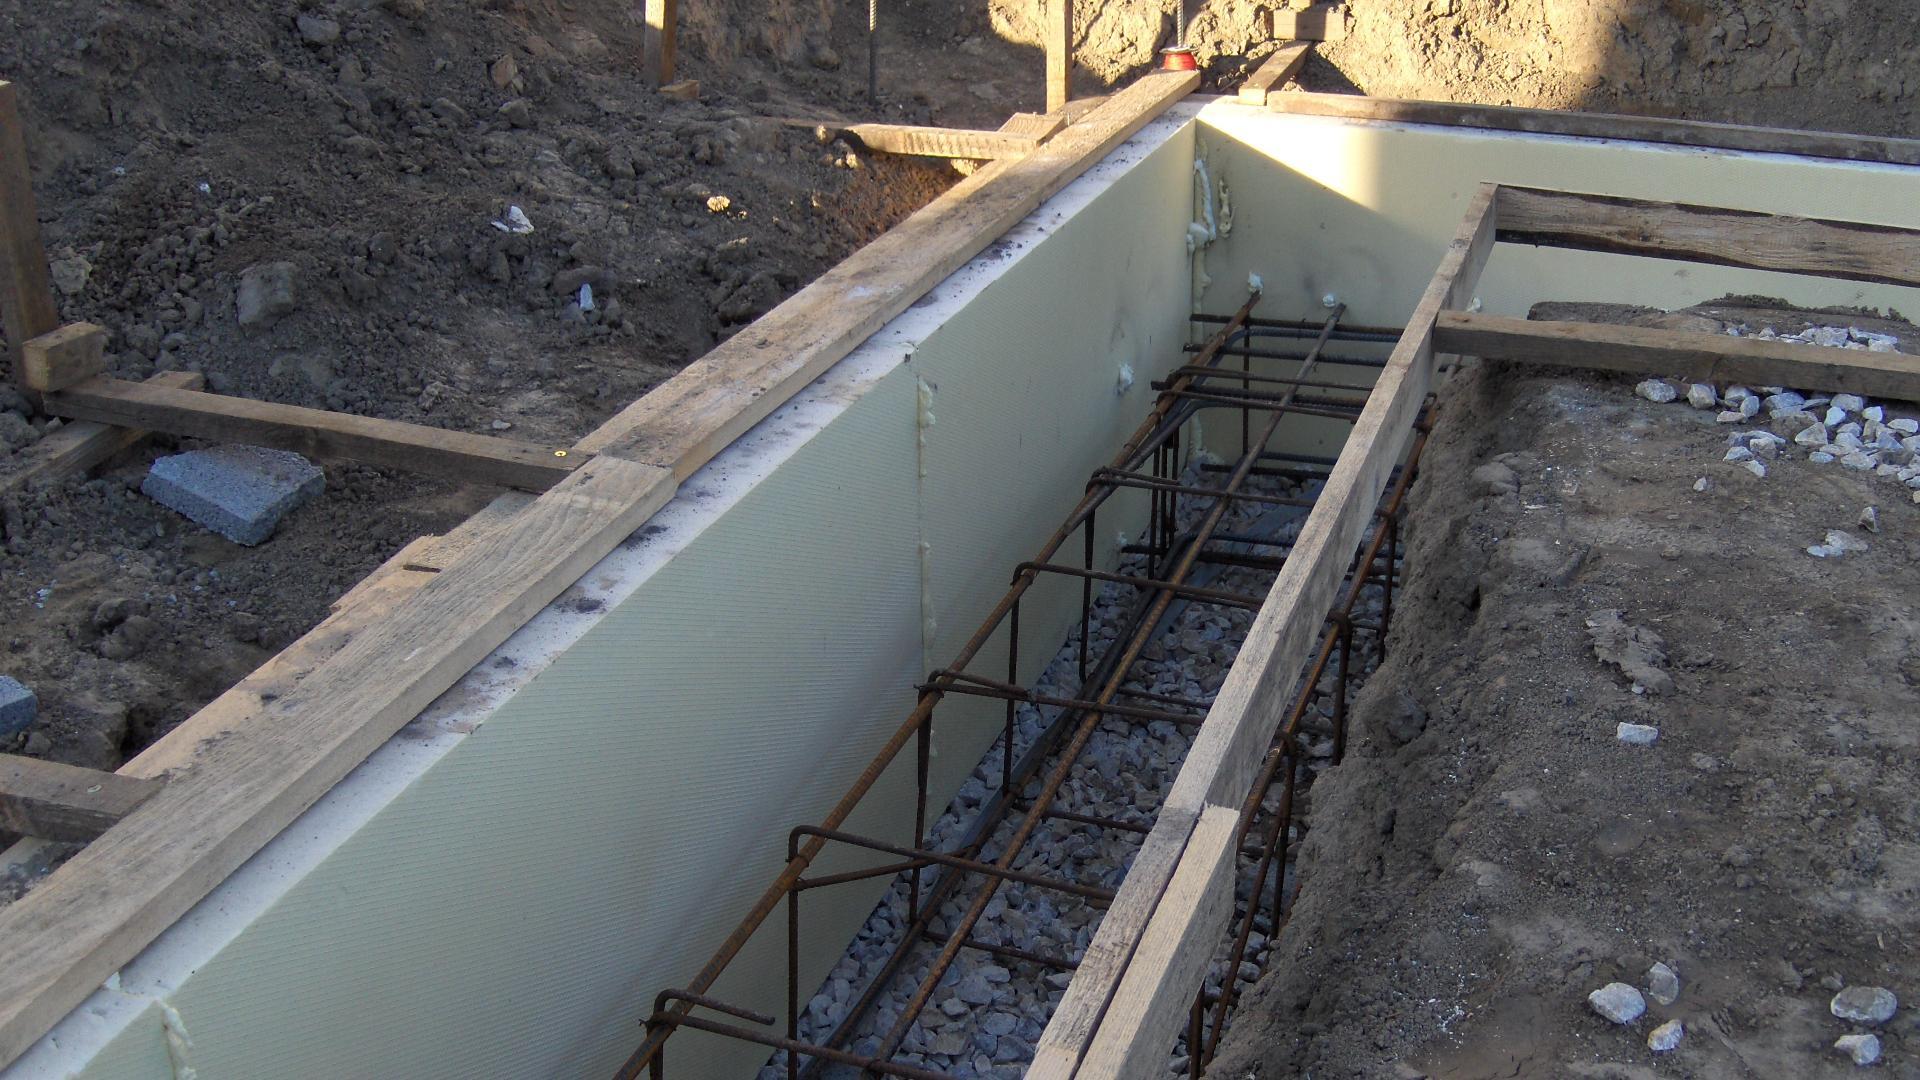 Energeticky pasívny dom svojpomocne - Prvá vrstva tepelnej izolácie základových pásov v podobe XPS hrúbky 100 mm.